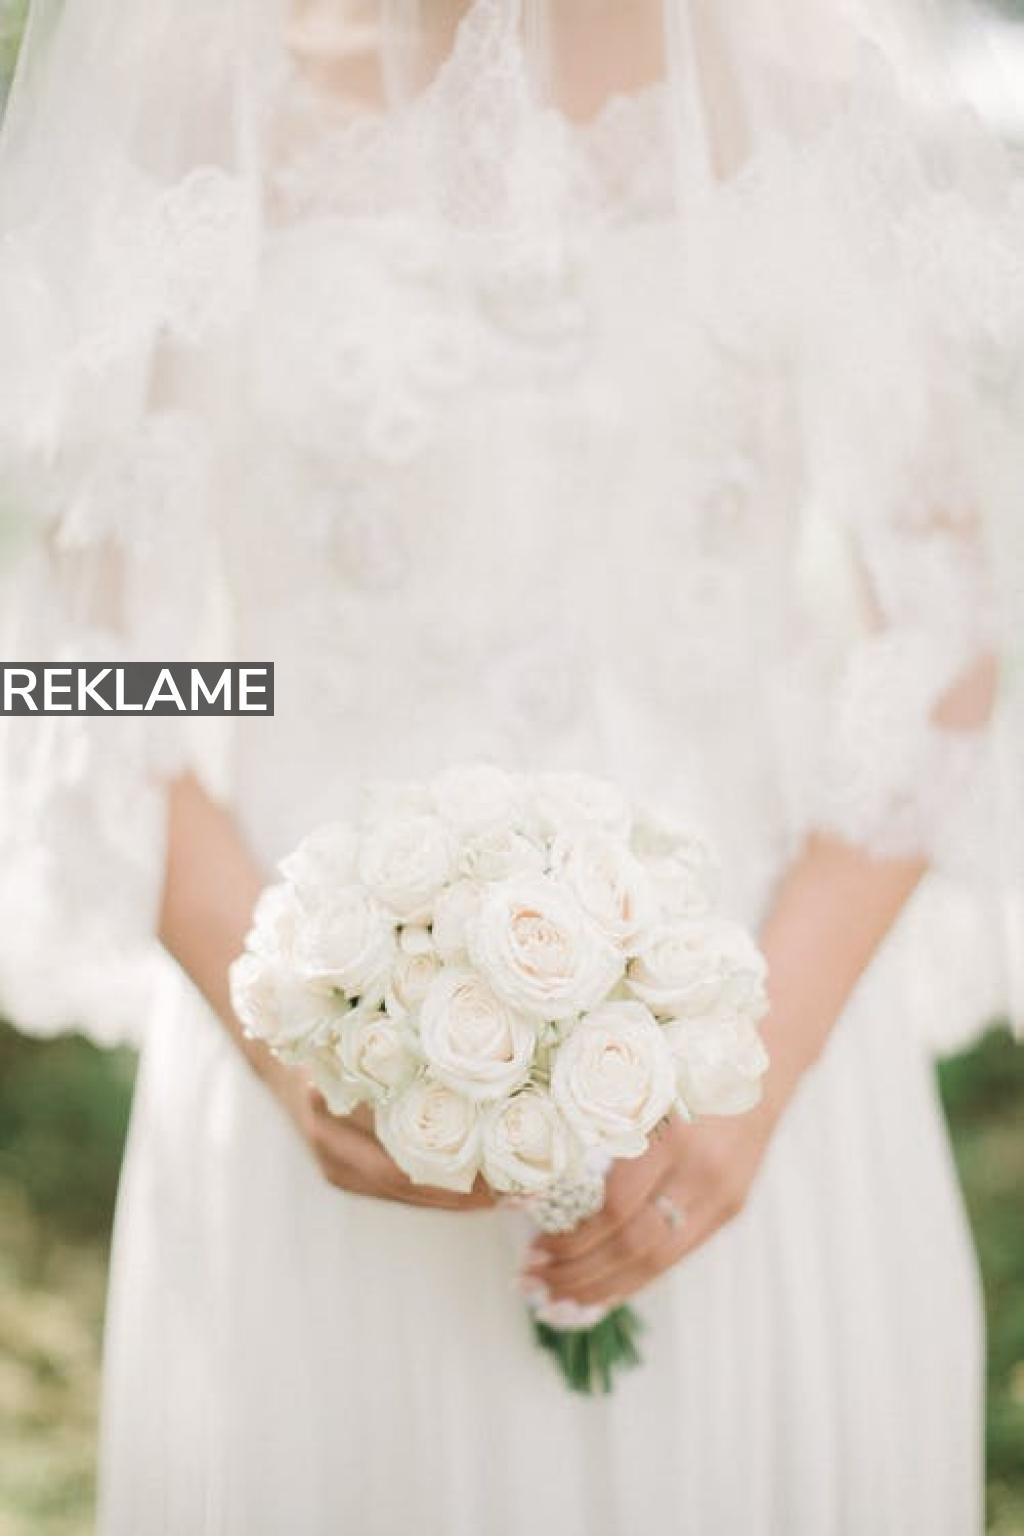 Skikke og traditioner omkring brudekjolen